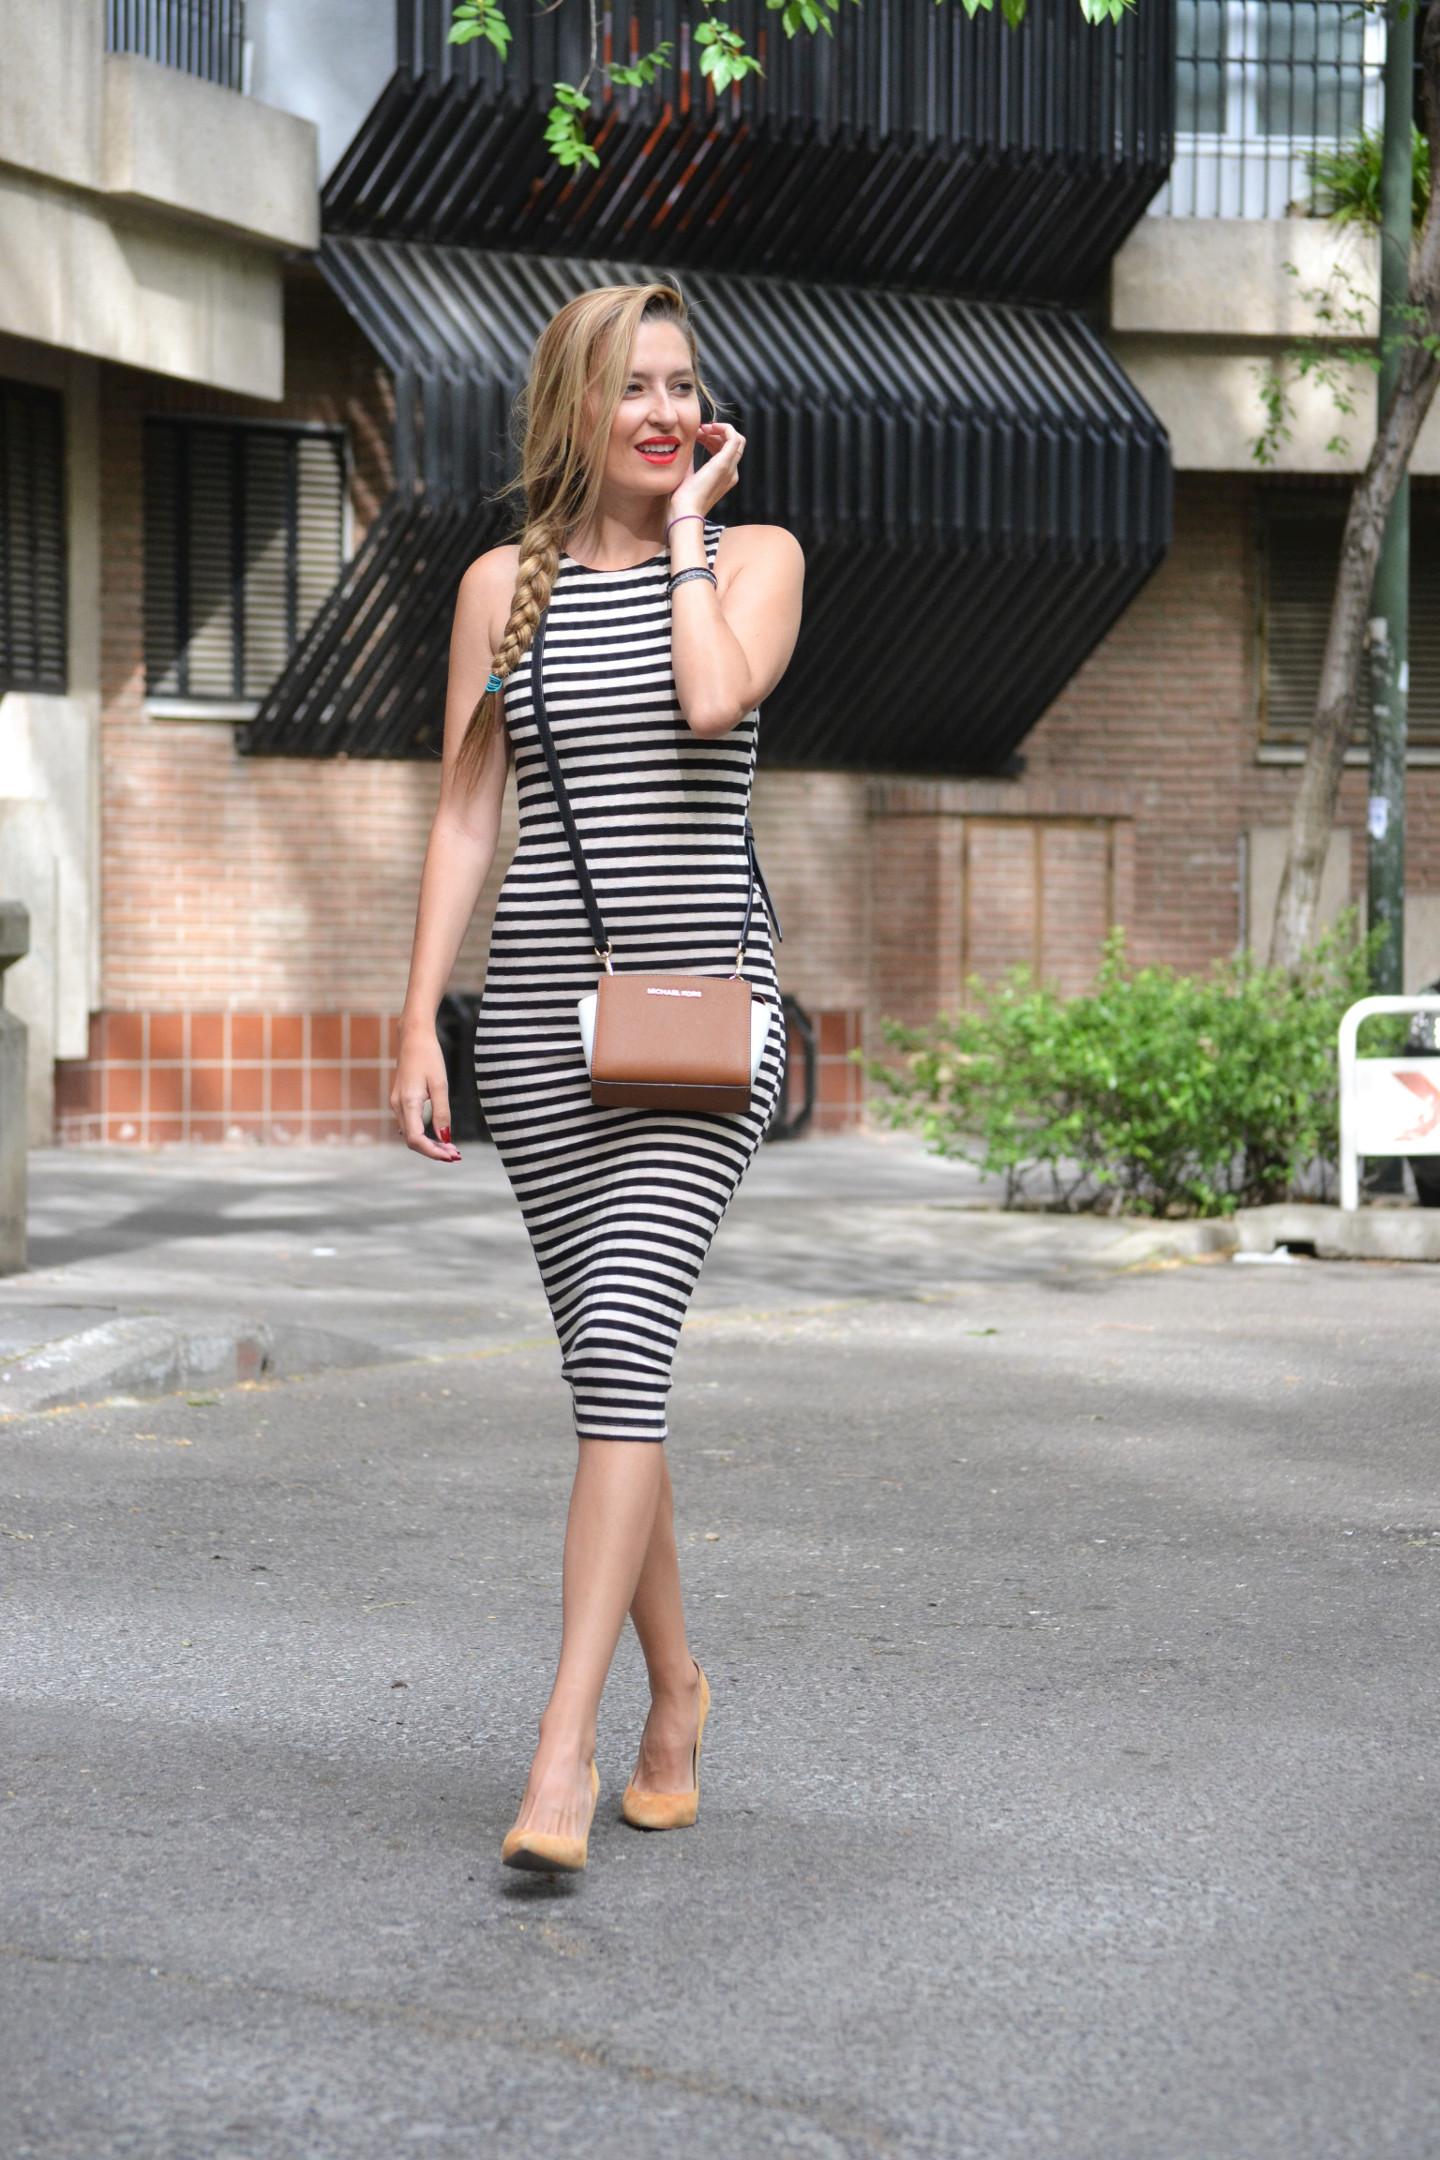 Vestido_midi_rayas_Lara_Martin_Gilarranz_Bymyheels (5)